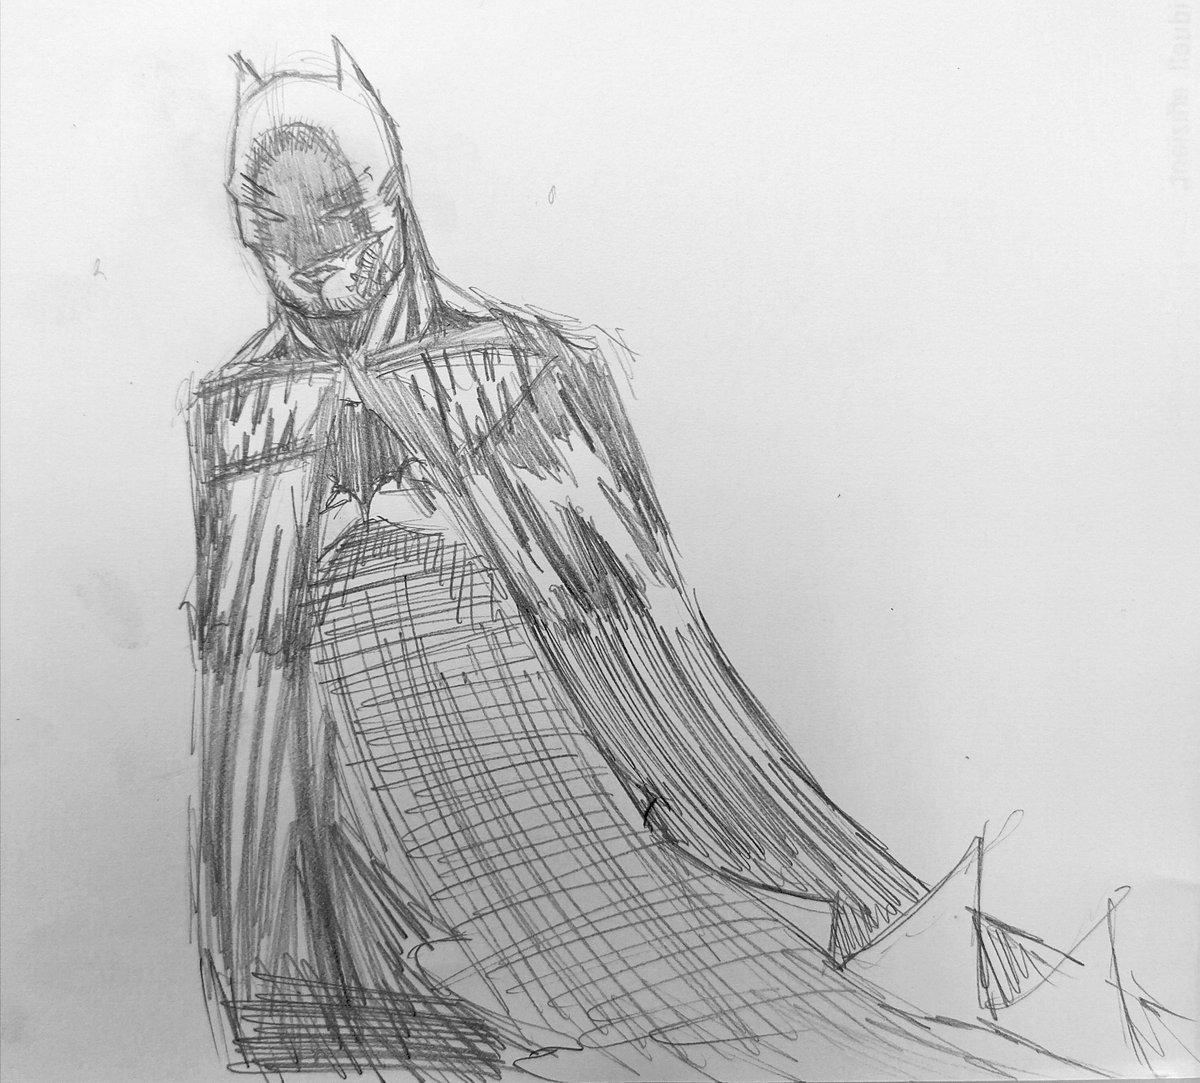 A quick Batman sketch #dc #dccomics #comic #comicbooks #dceu #batman #darkknight #cape #cowl #bat #darkness #fear #batfamily #gotham #justiceleague #art #art_public #art🎨 #drawing #sketch #pencil #pencilsketch #pencilsketches #pencildrawing #comicart #comicsketch #pinup #anatomy https://t.co/kVlZTRHHLo